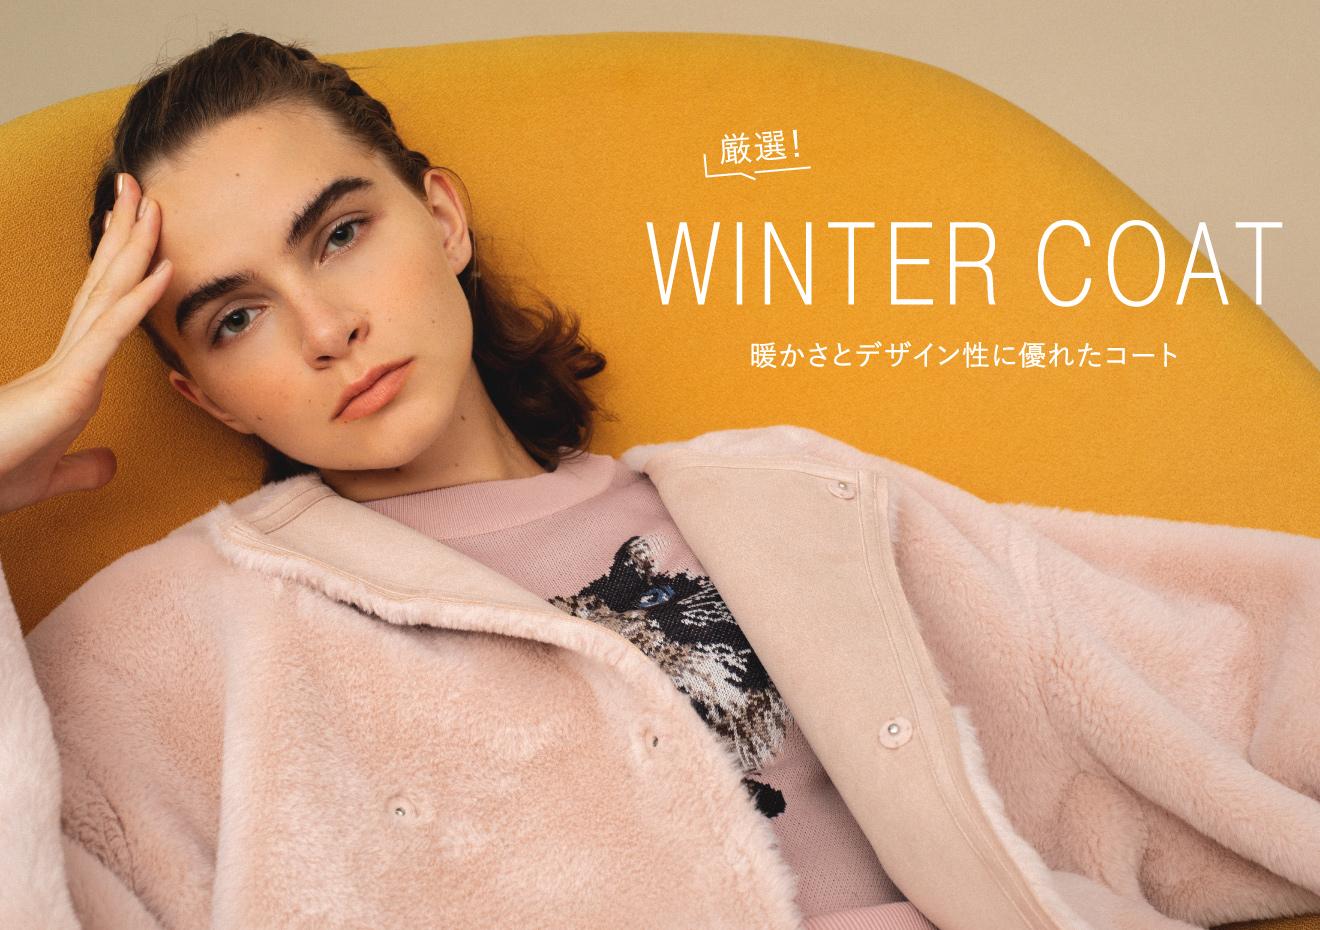 WINTERCOAT厳選!暖かさとデザイン性に優れたコート